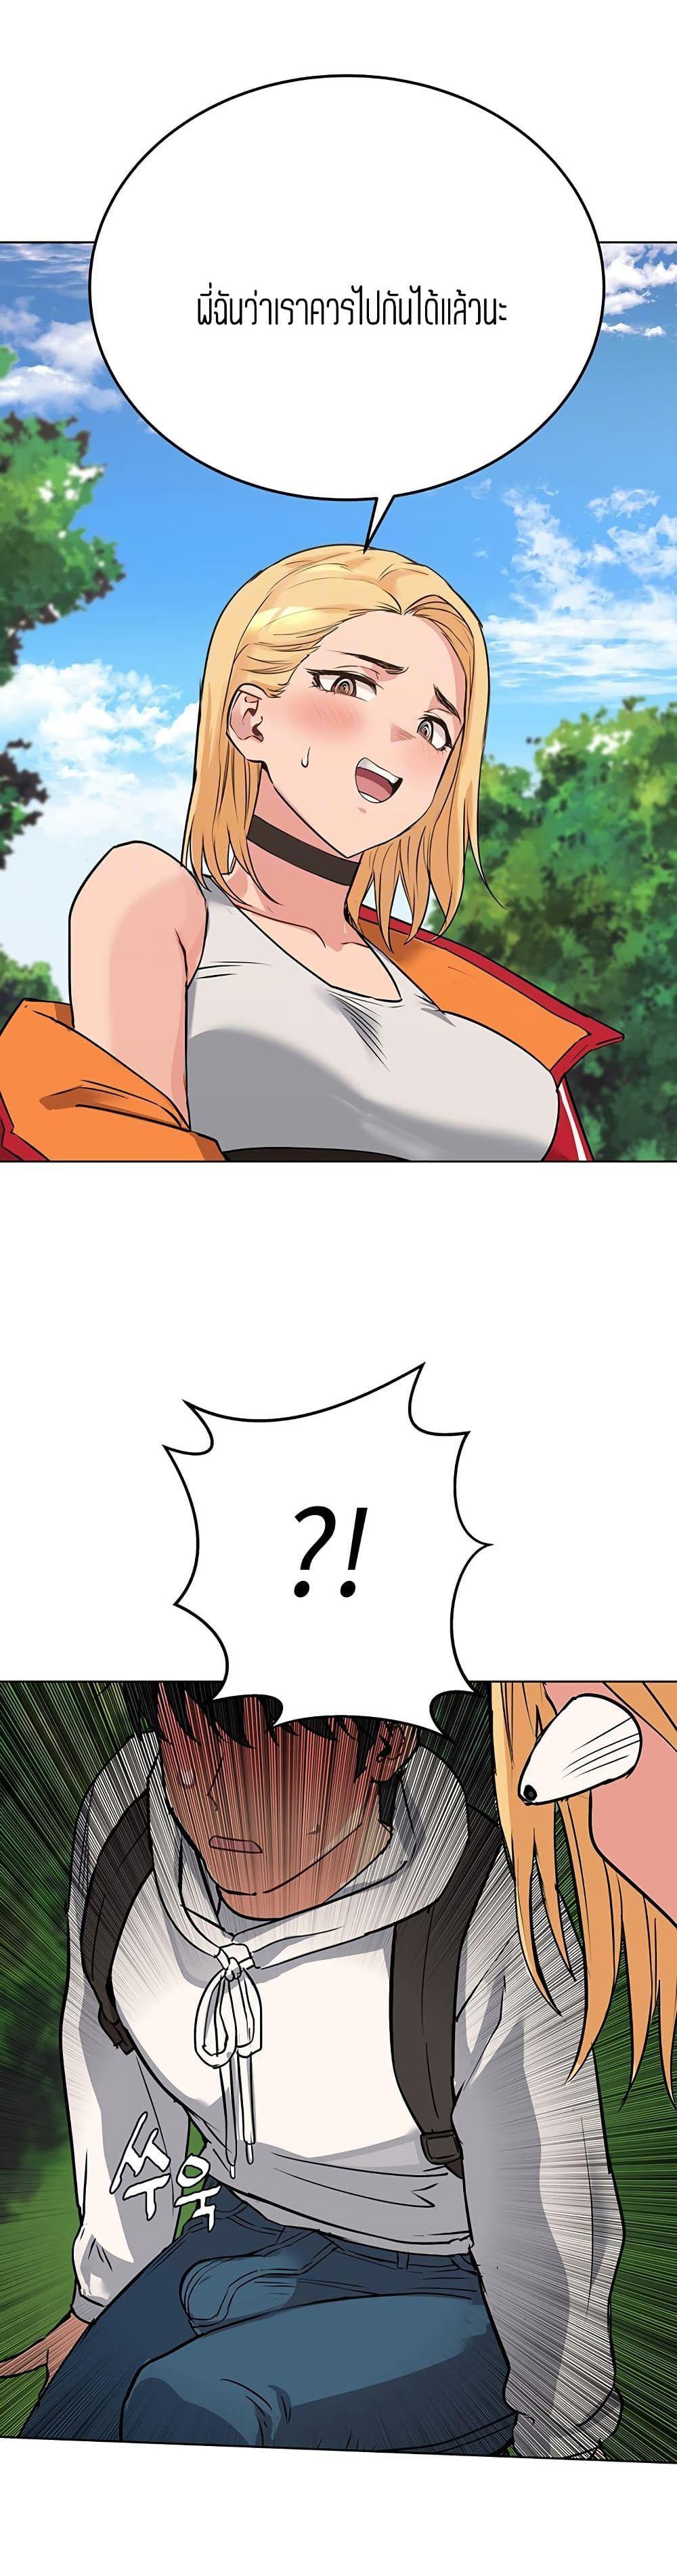 เก็บมันไว้เป็นความลับระหว่างแม่ของเธอนะ! 2 ภาพ 5